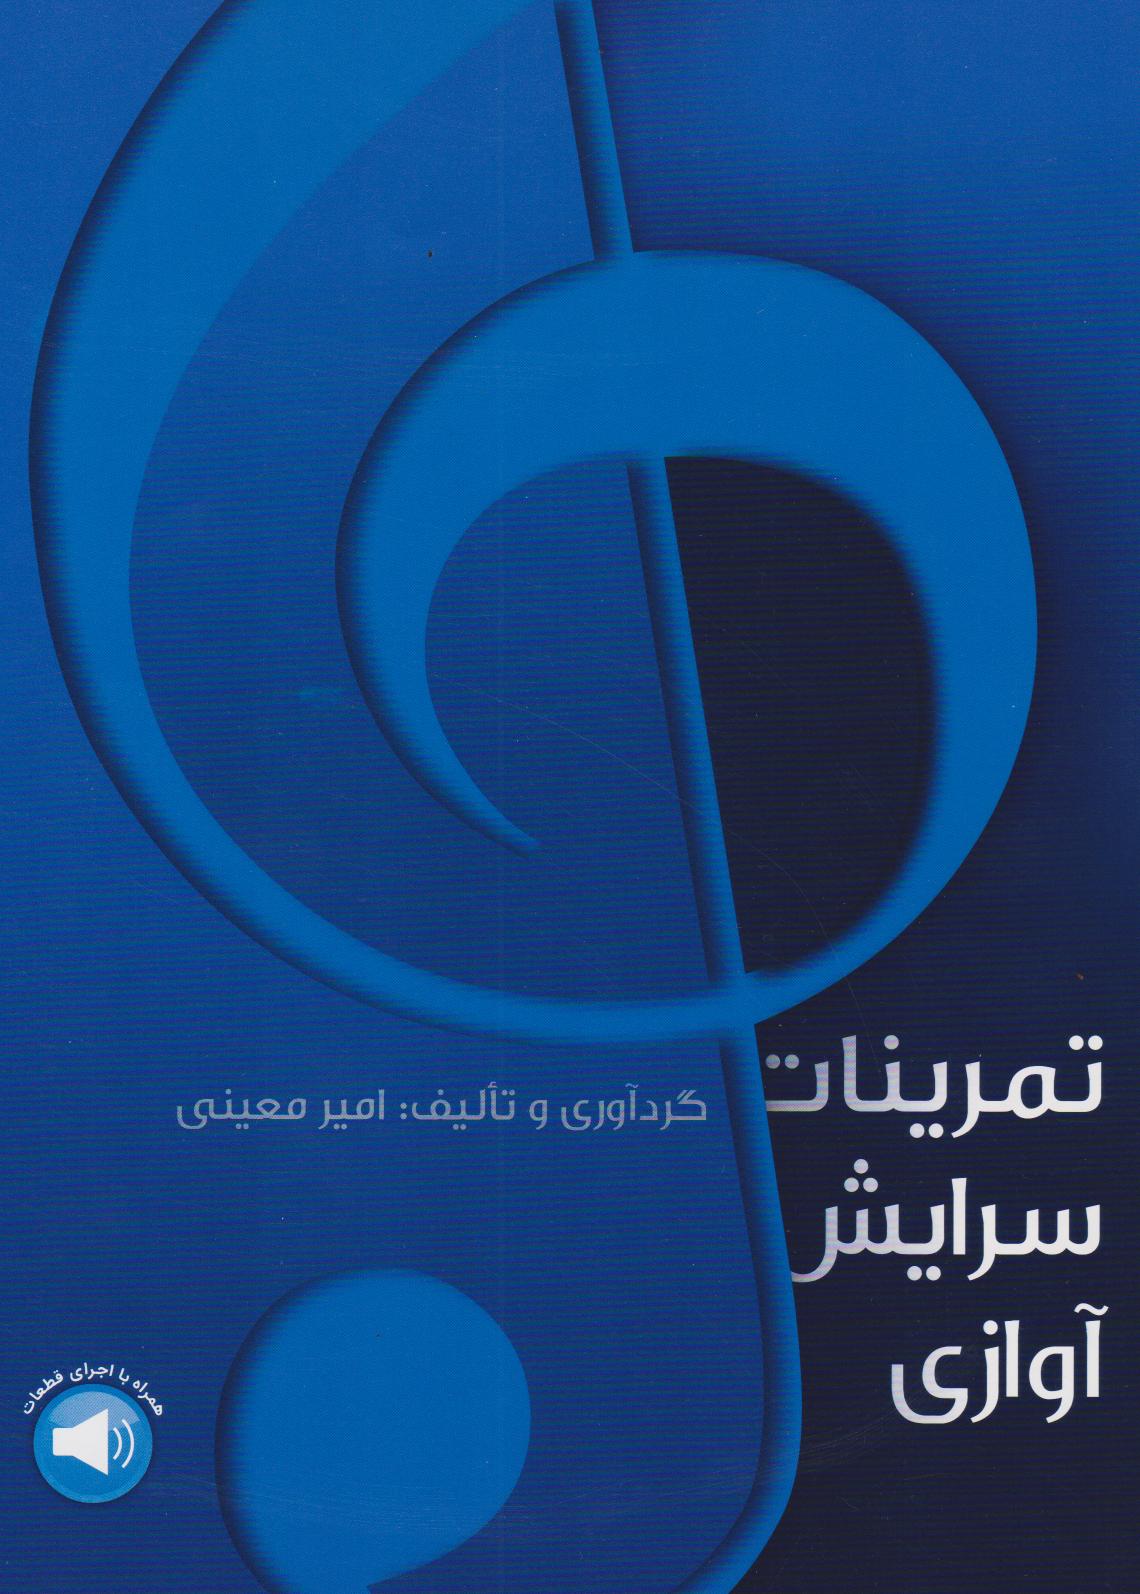 کتاب تمرینات سرایش آوازی امیر معینی انتشارات سرود